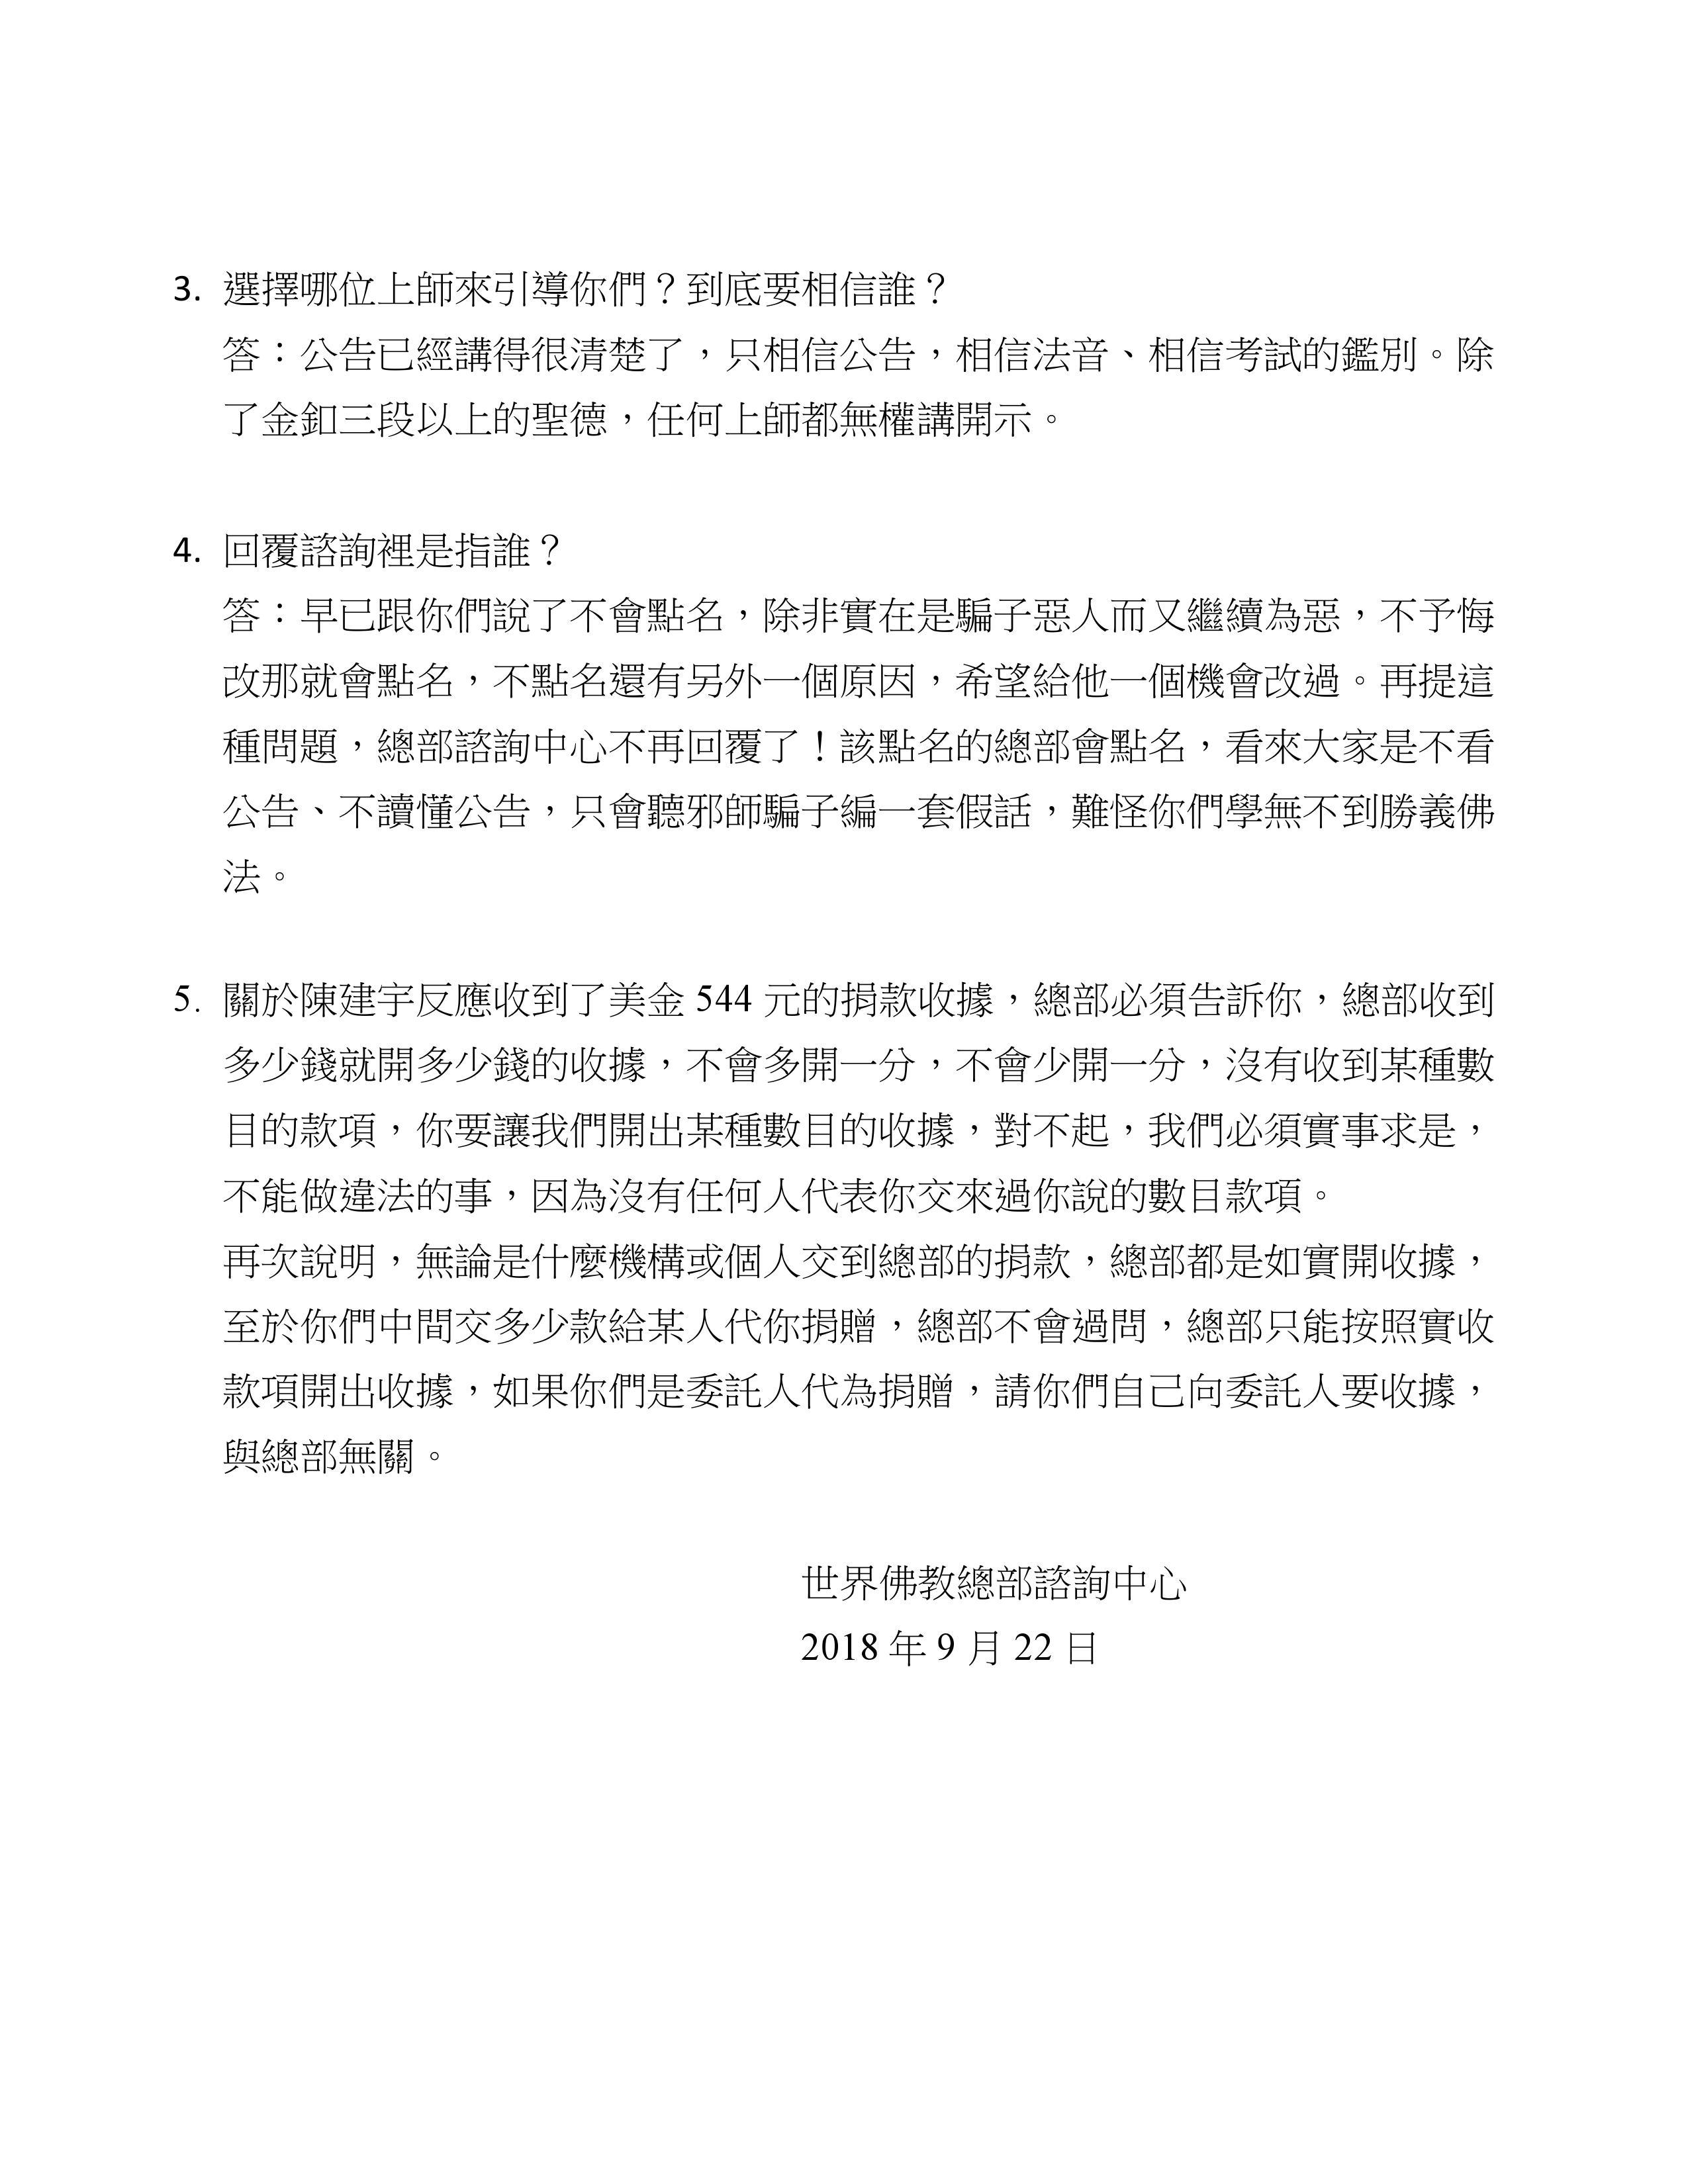 世界佛教總部諮詢中心回覆諮詢(第20180104號)Pg2